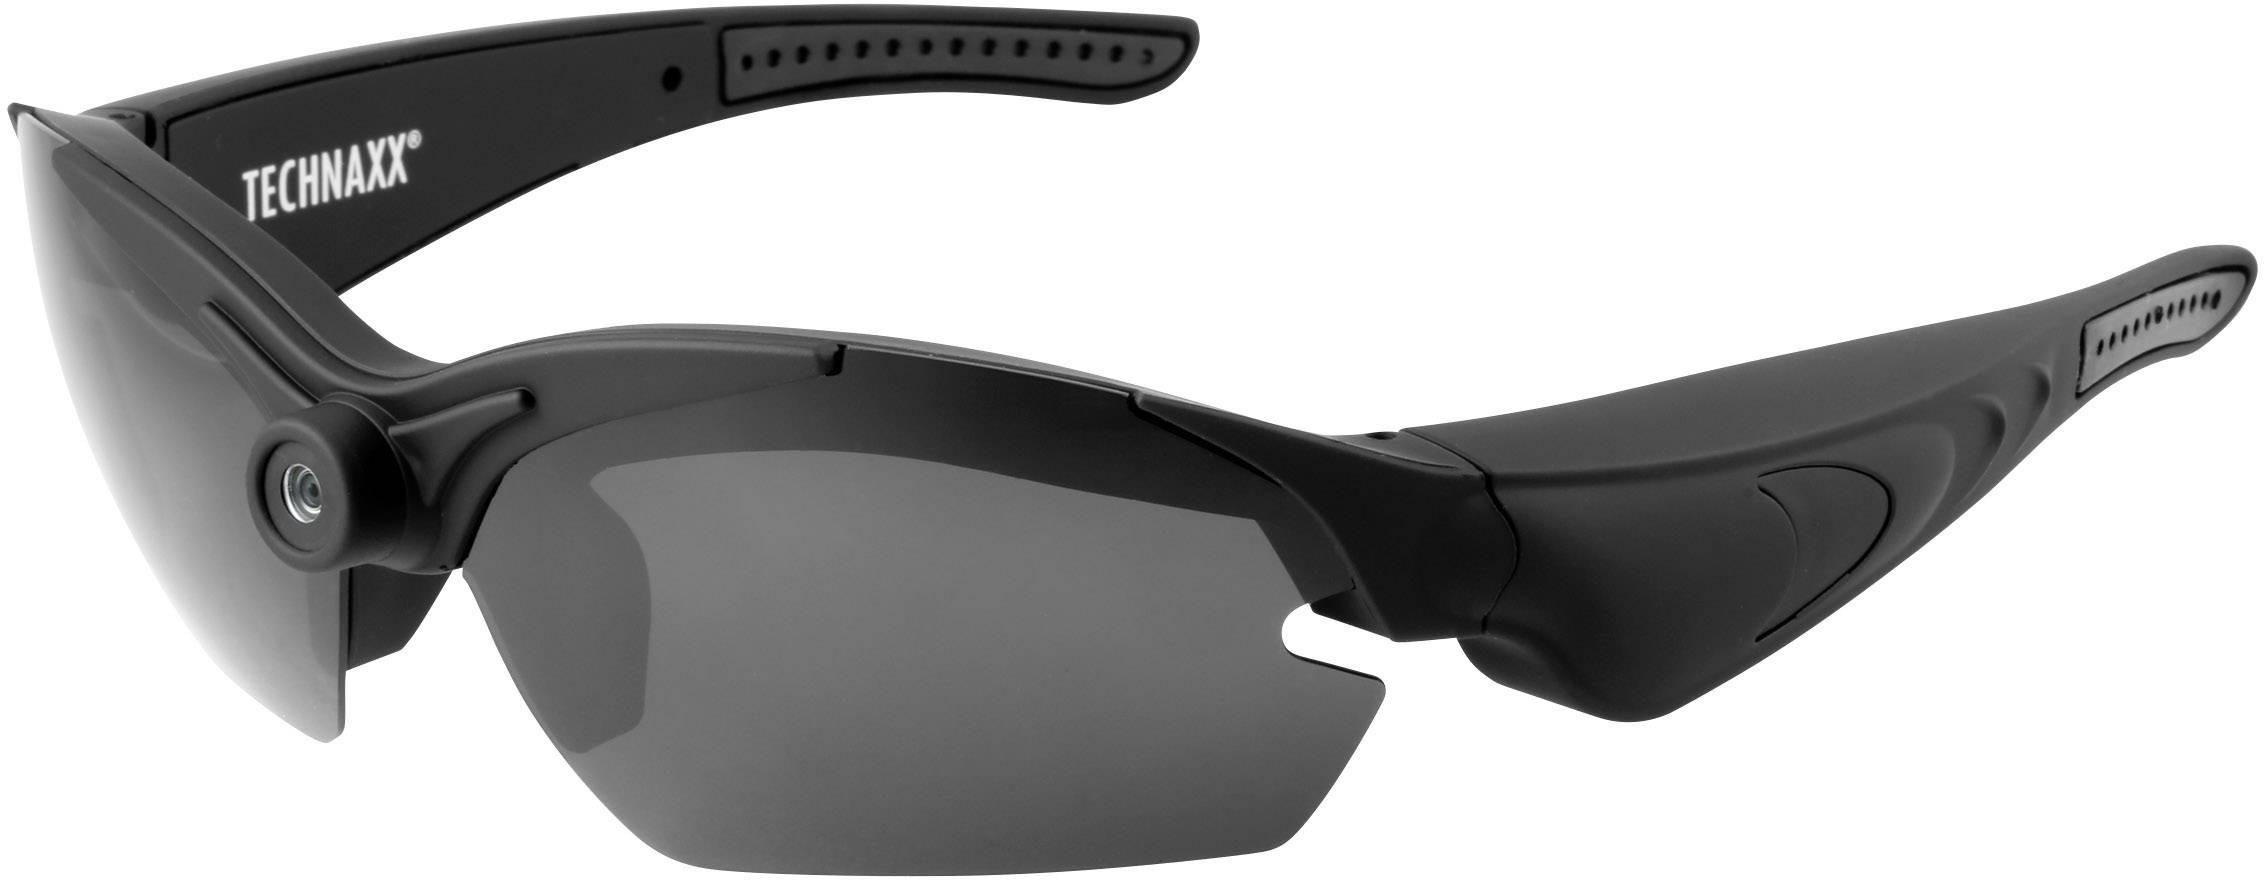 Sportovní kamera v brýlích Technaxx TX-25 4358